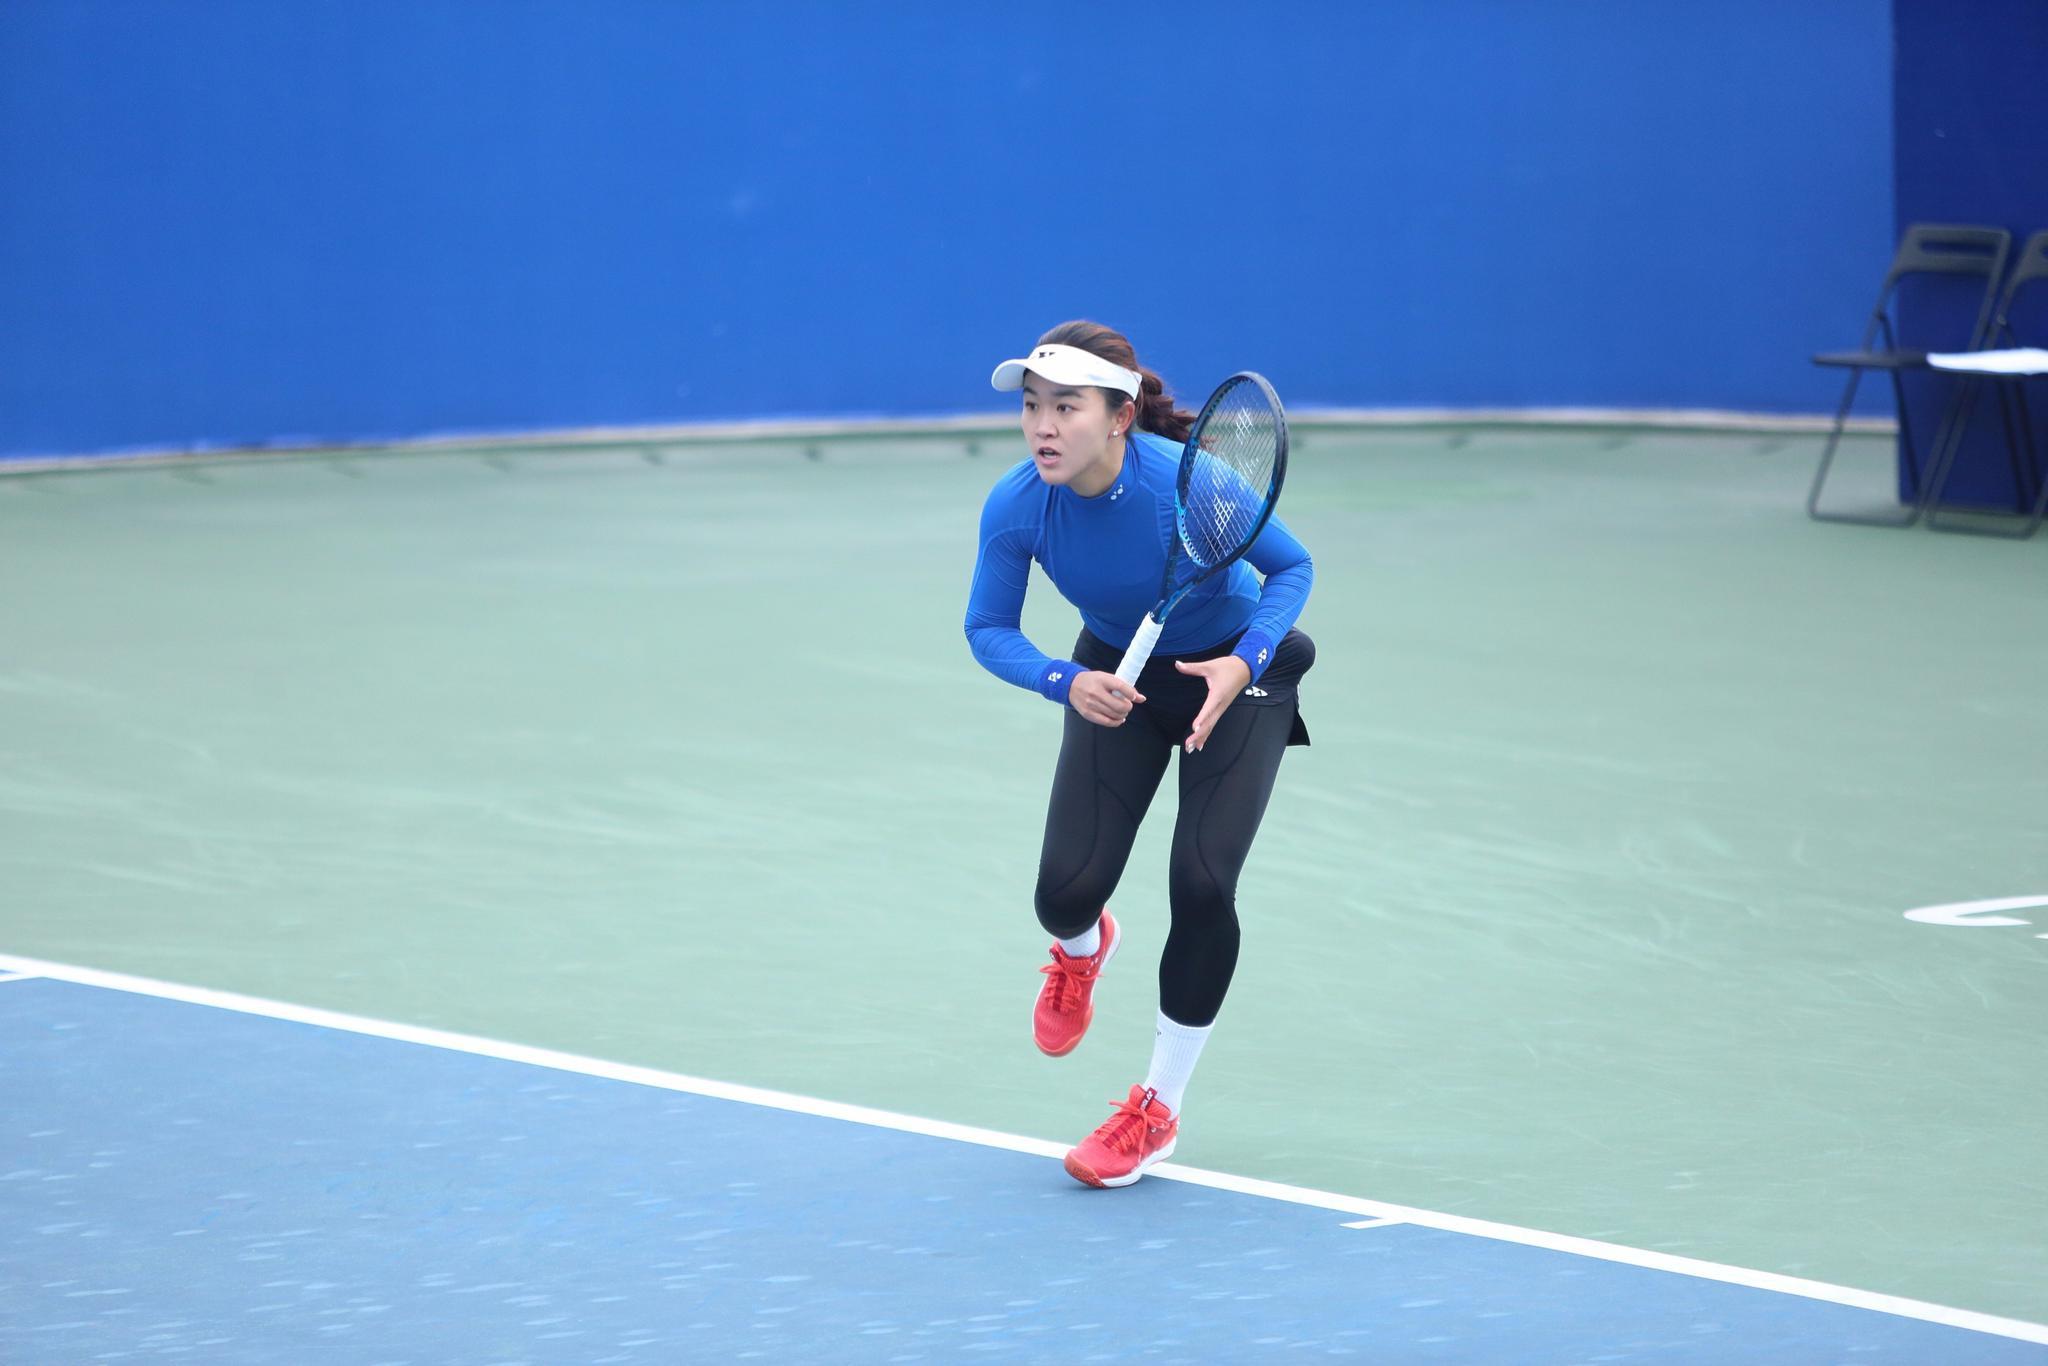 第二个比赛日 荀芳颖险胜孙子玥跻身女单八强